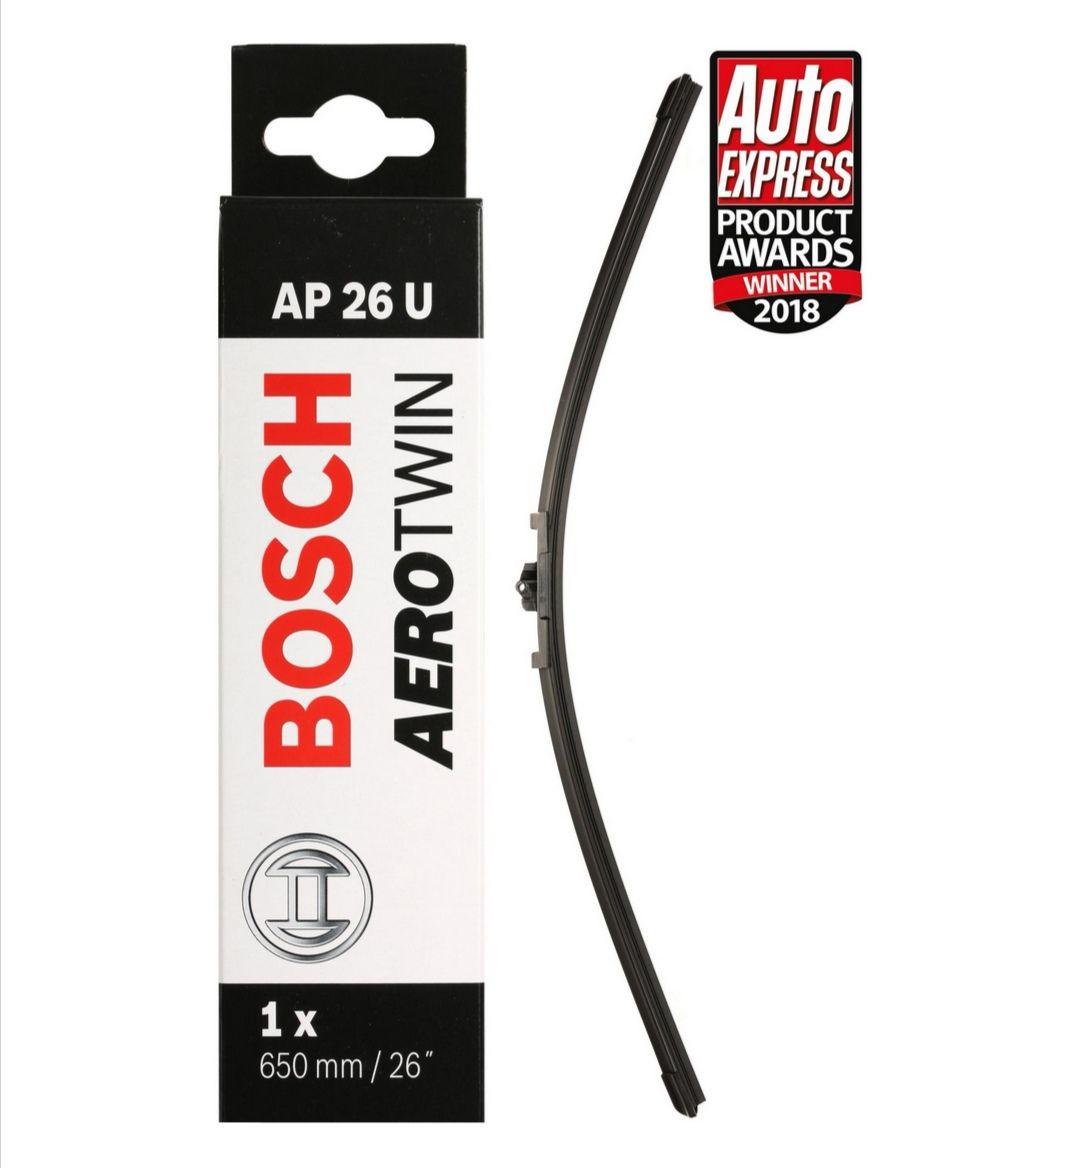 Bosch Wiper Blades - Full Set at Carparts4less £23.91